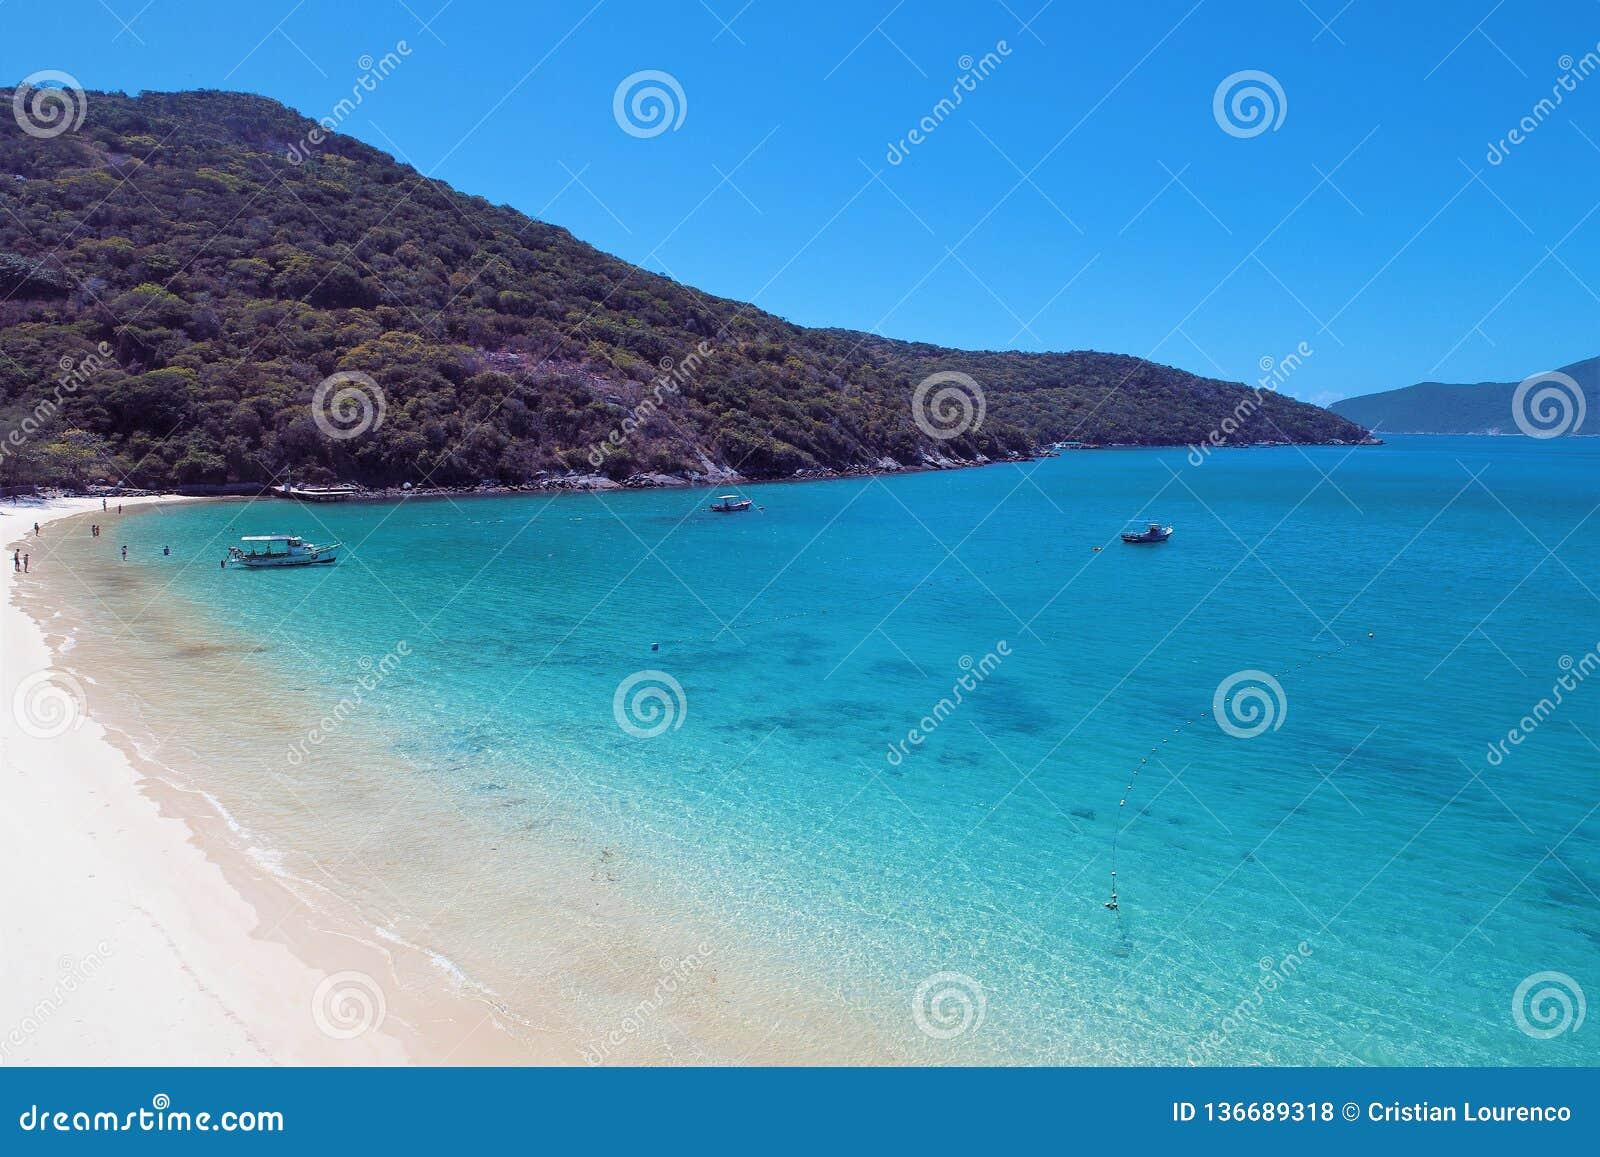 Arraial hace Cabo, el Brasil: Vista de la playa hermosa con agua cristalina